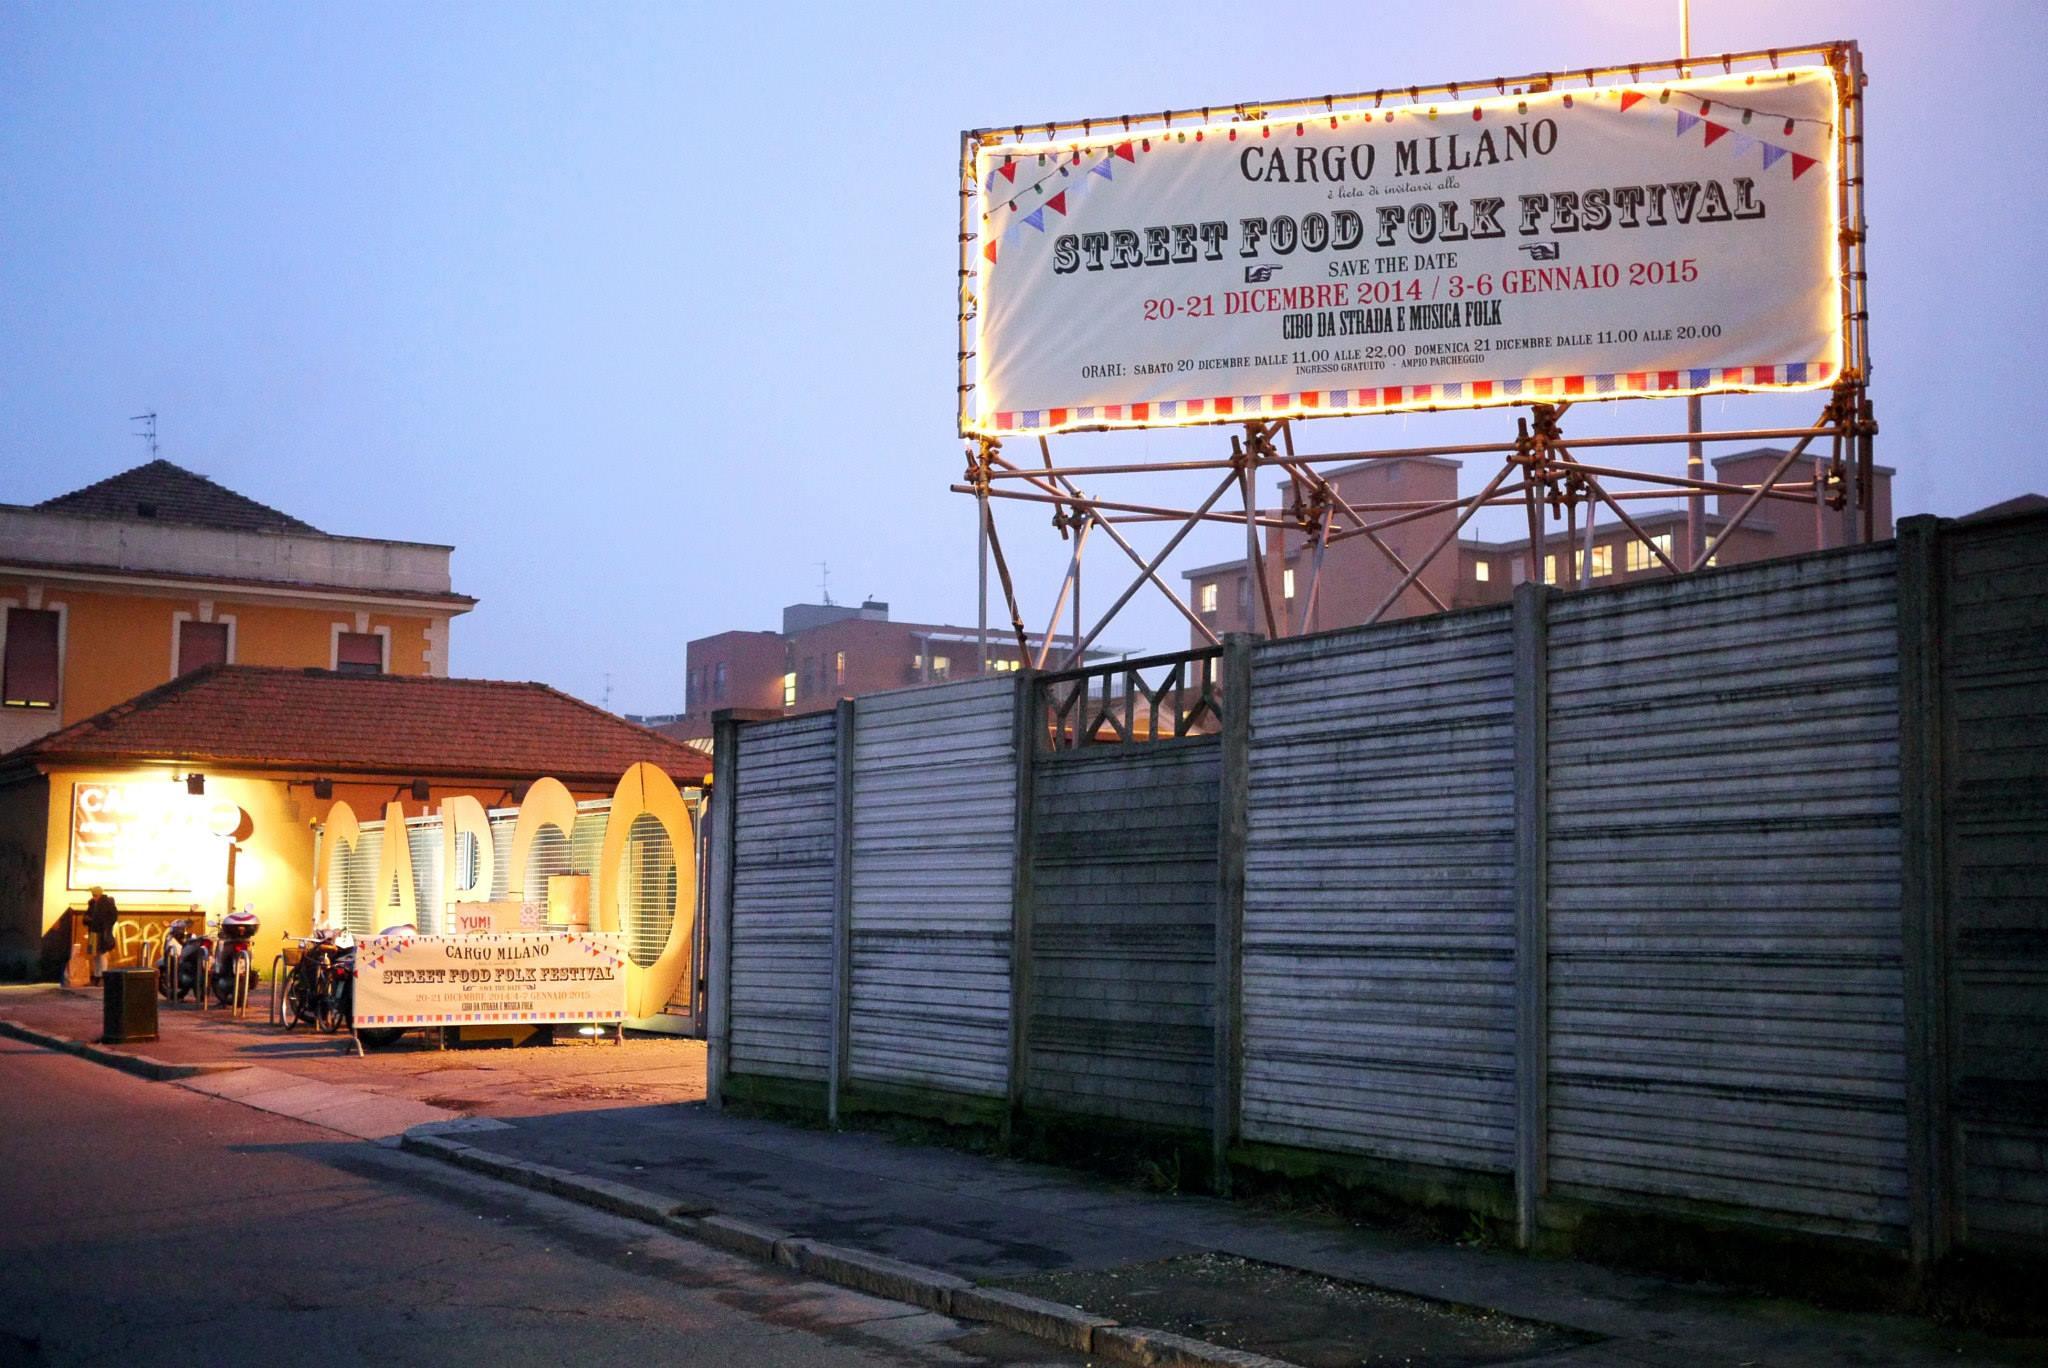 Dal 3 gennaio torna lo street food folk festival for Cargo via meucci